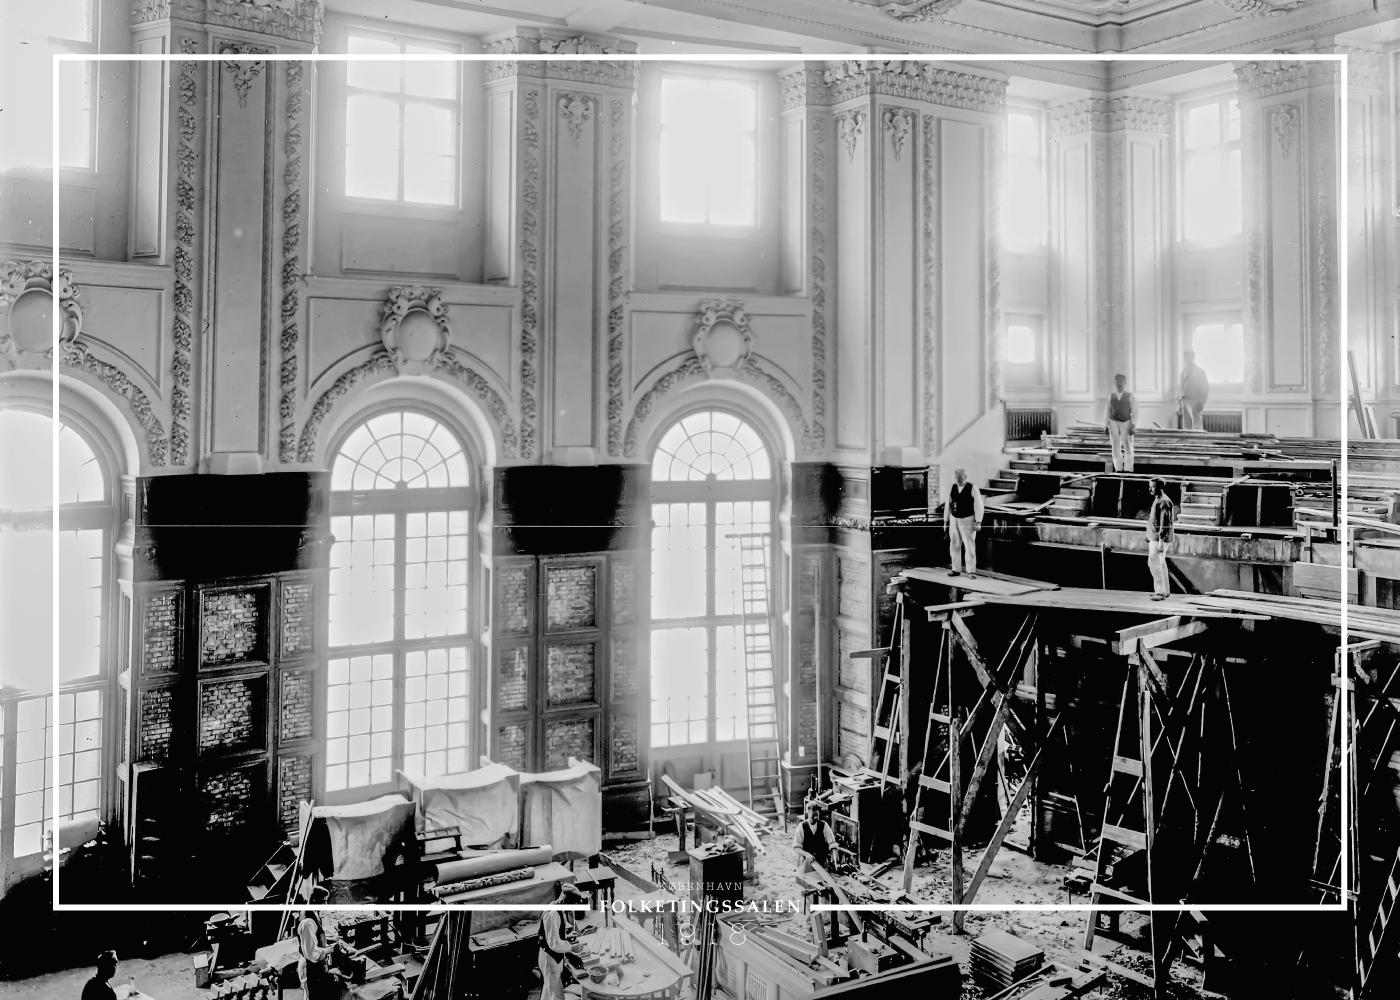 Billede af Folketingssalen - Gamle billeder af København plakat